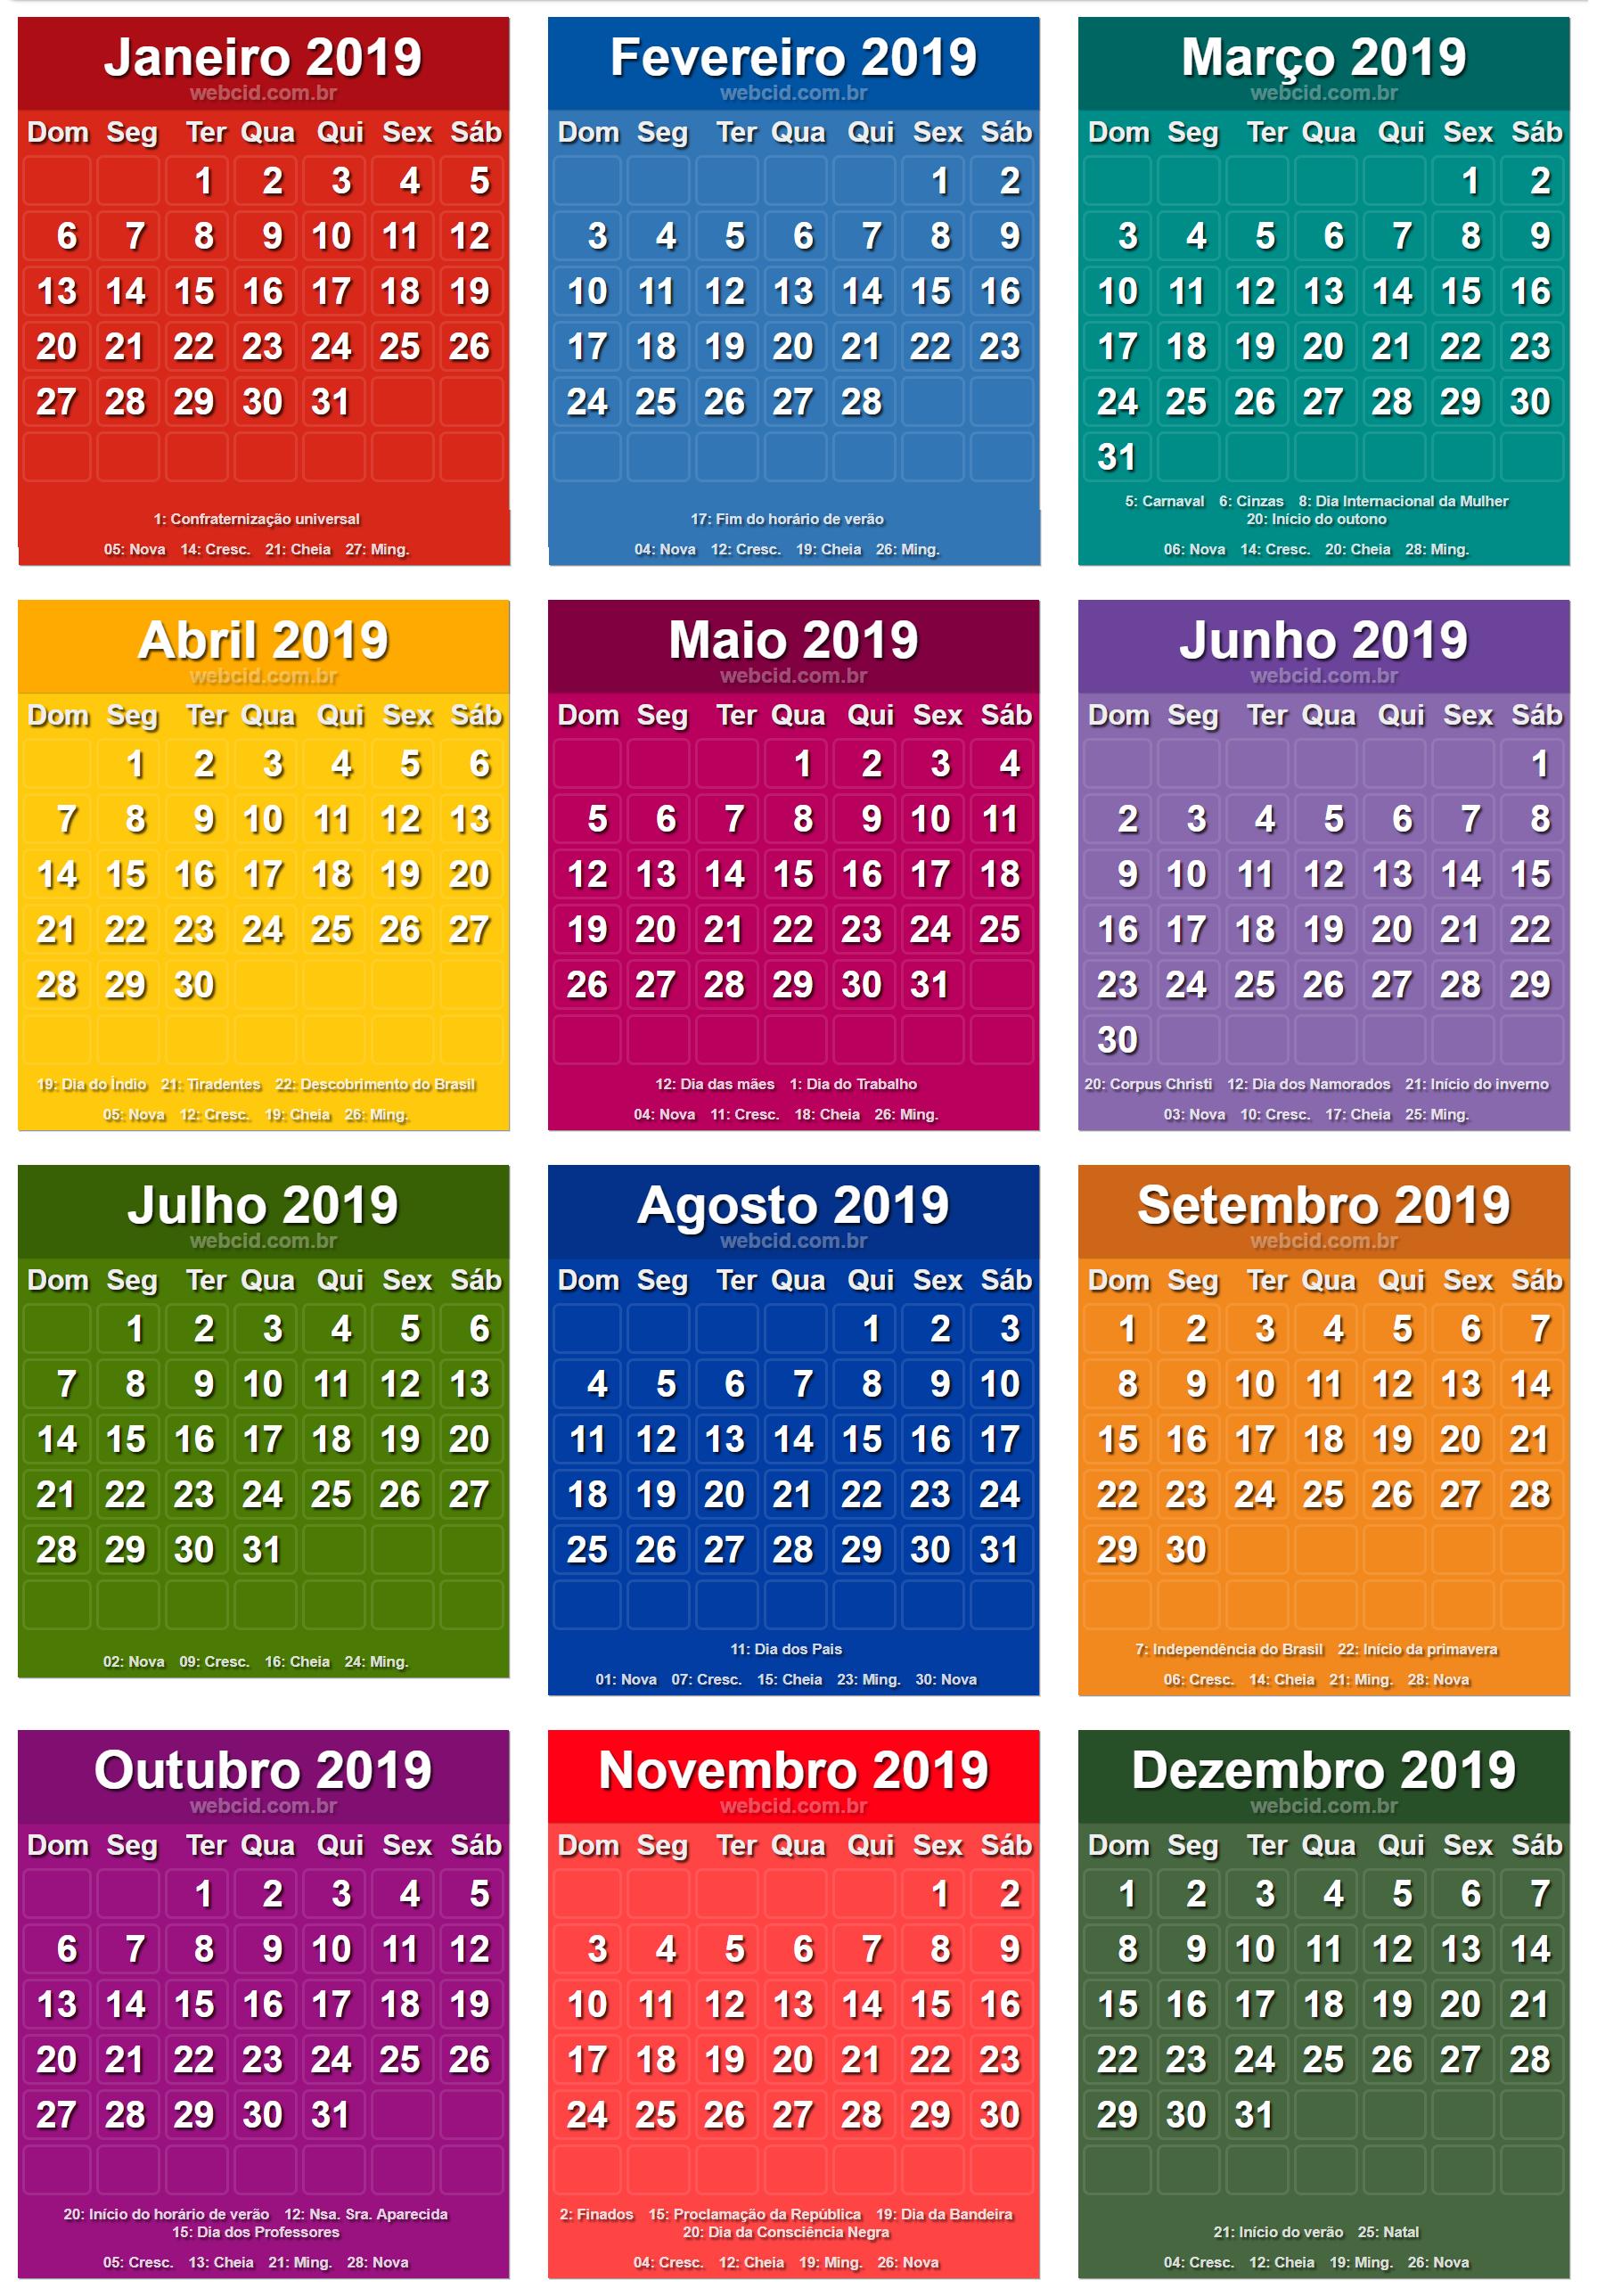 Calendario 2020 Brasileiro Com Feriados.Calendario 2019 Em Png Pronto Para Voce Utilizar Webcid